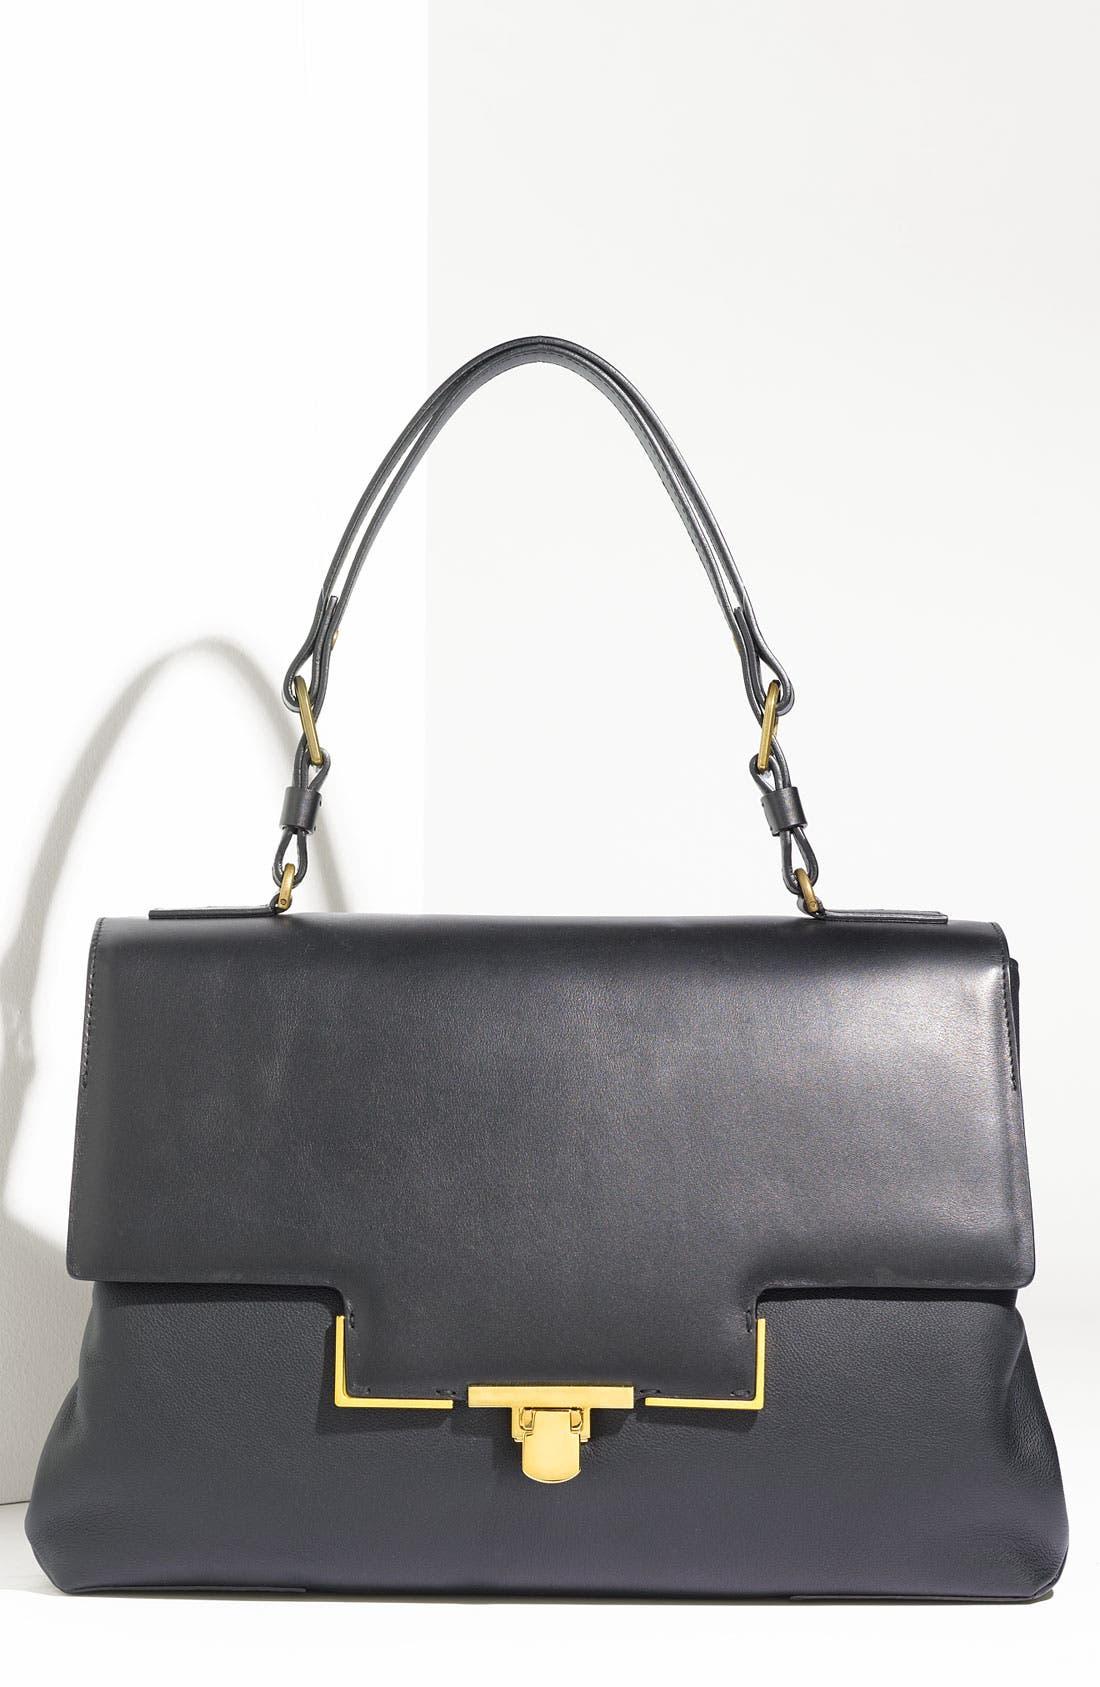 Main Image - Lanvin 'Miss Sartorial' Leather Shoulder Bag